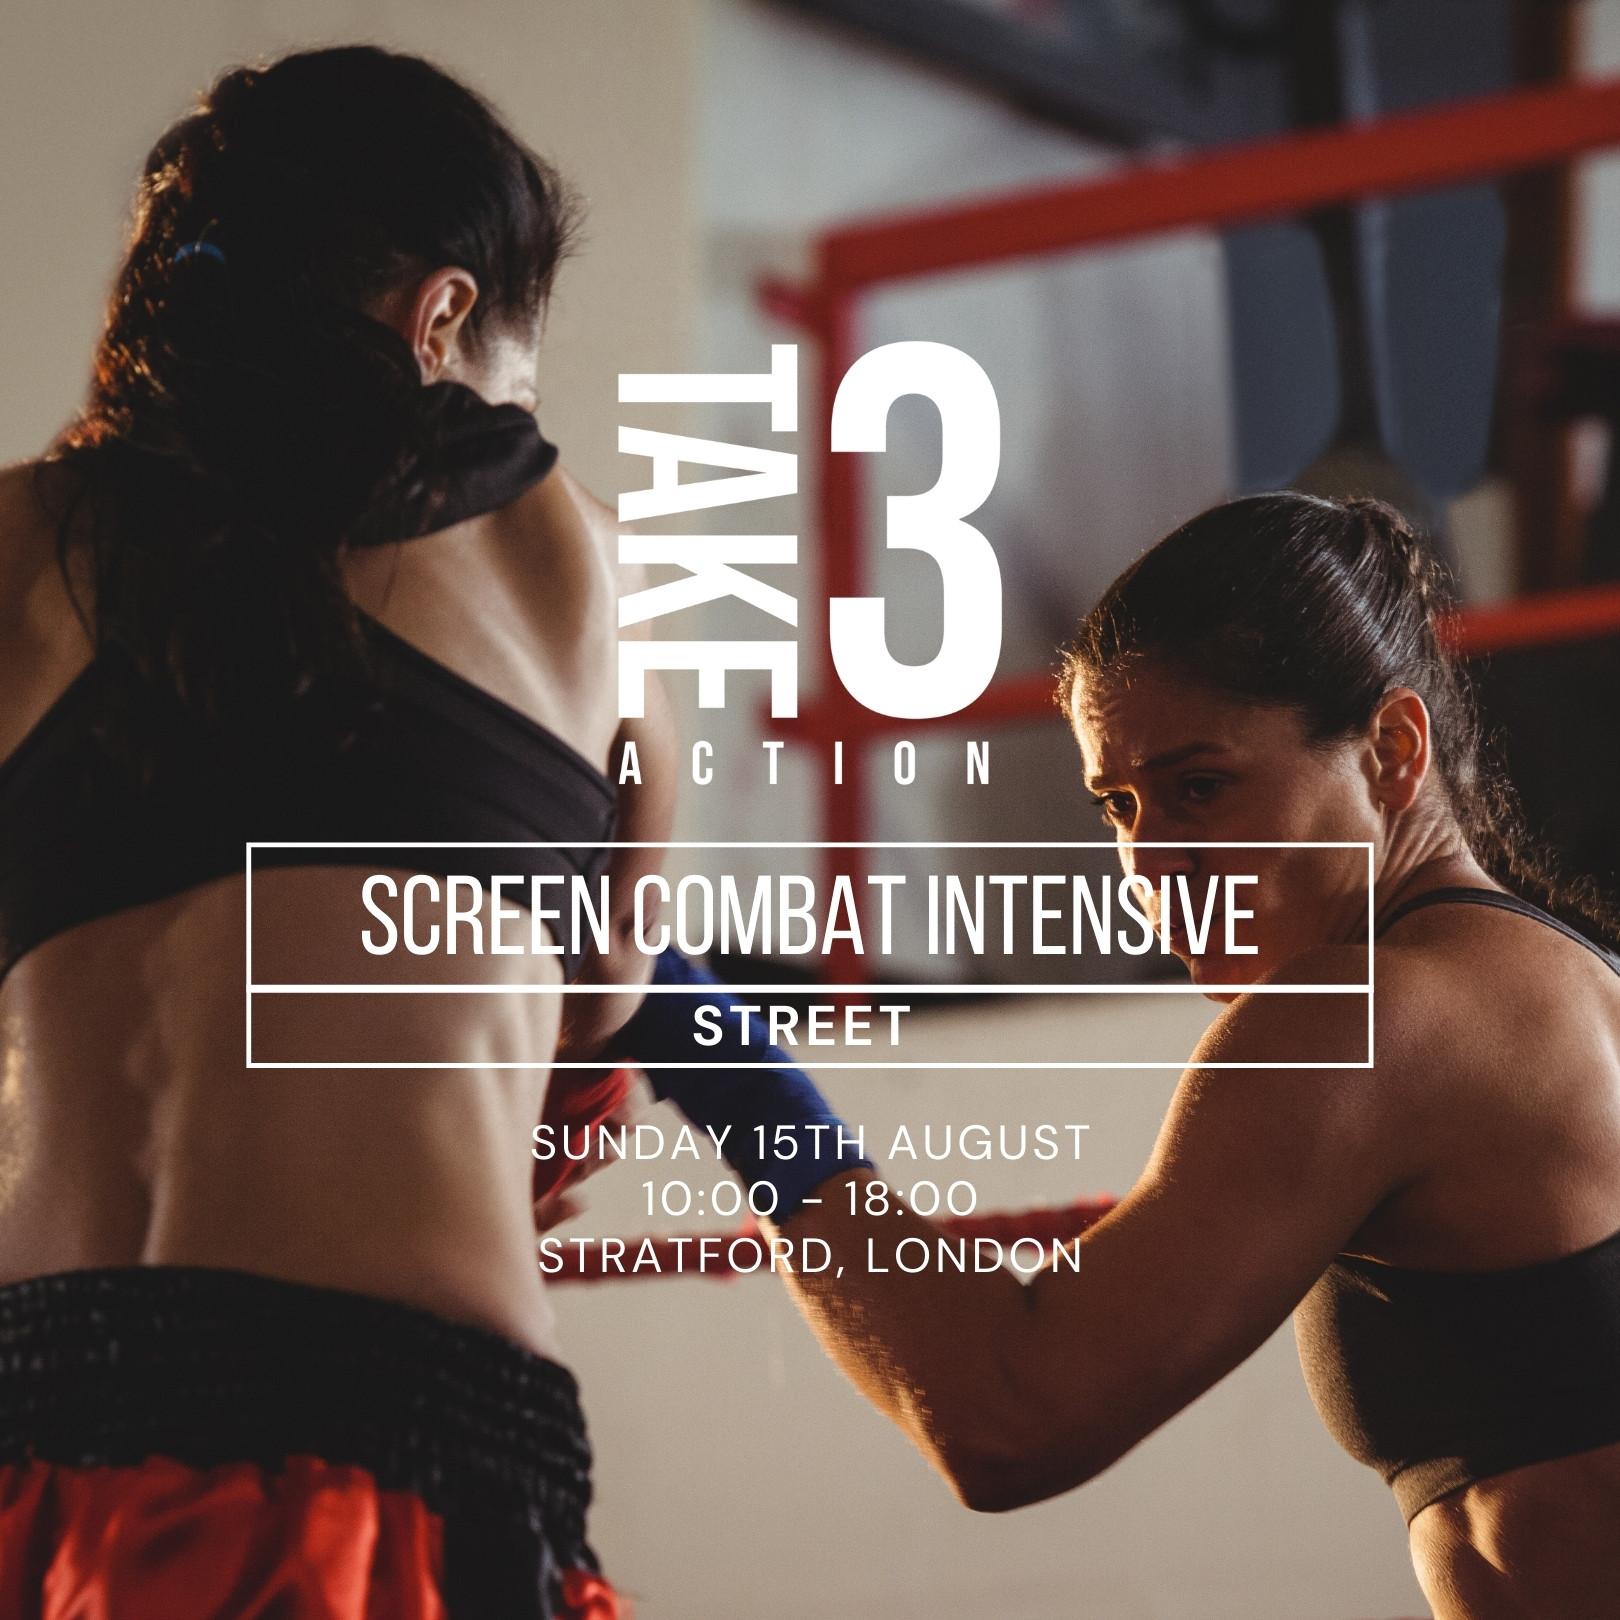 Screen Combat Intensive - Street